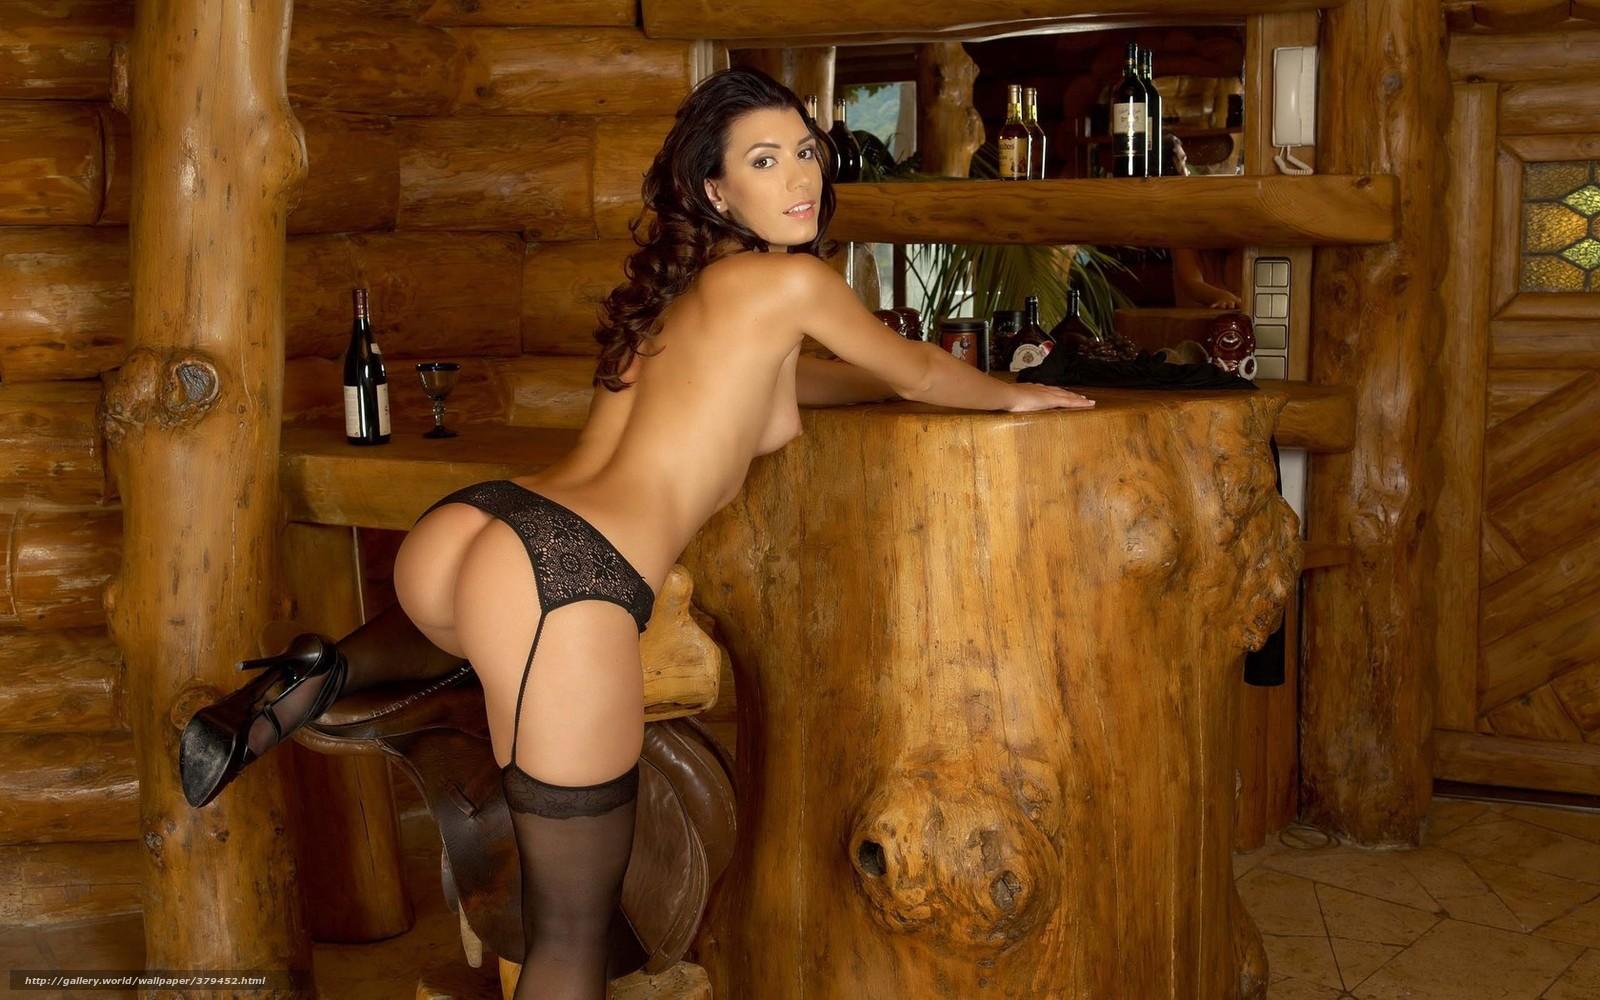 Обои, картинки поиск голая попа, Sexwall.ru - секс фотки, картинки с